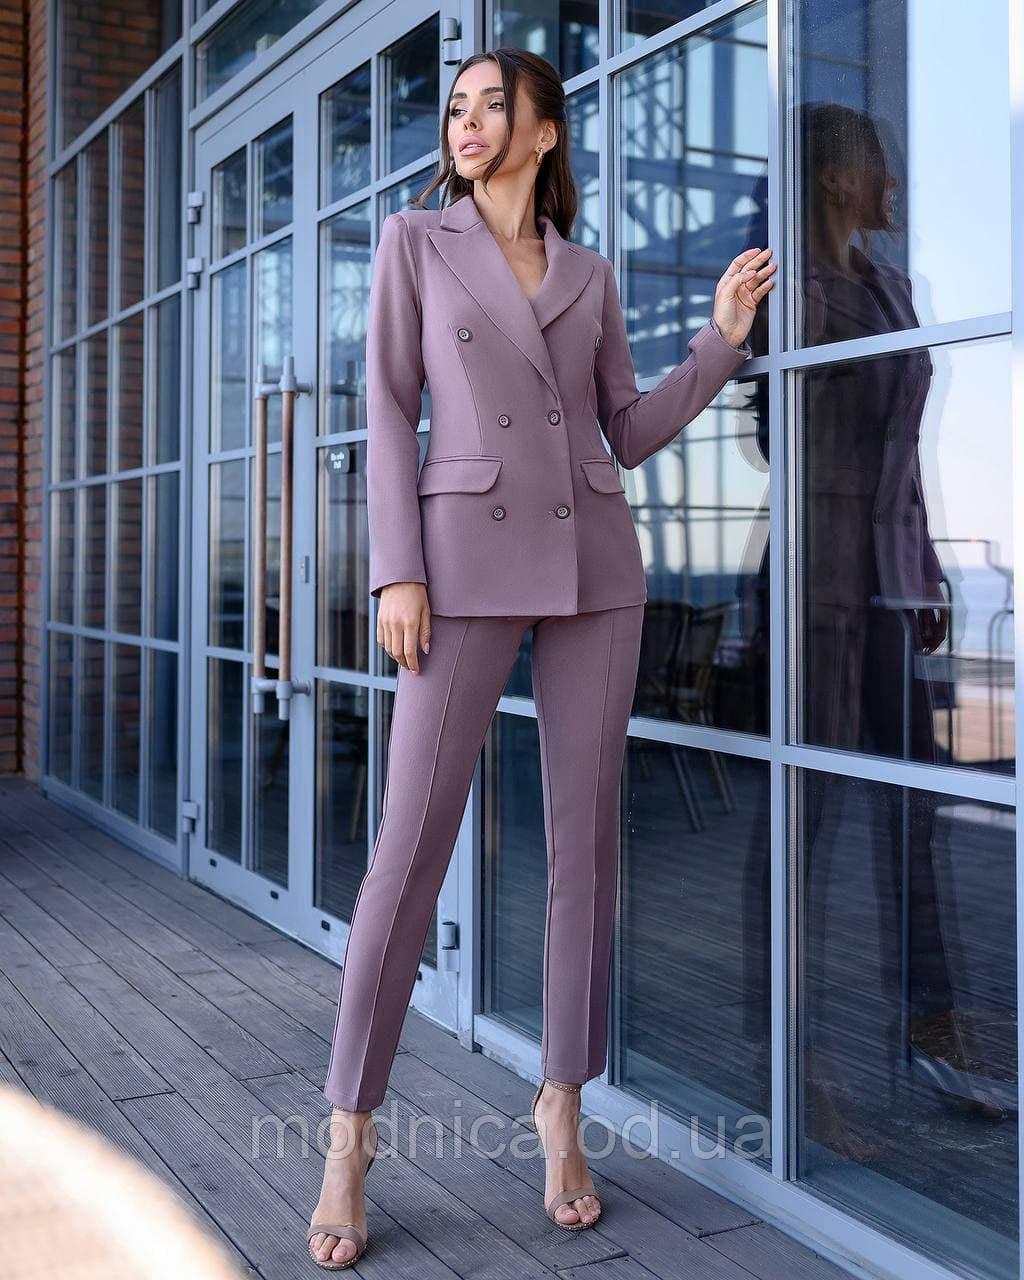 Деловой женский костюм двойка из тиара пиджак брюки, размеры XS, S, M, L